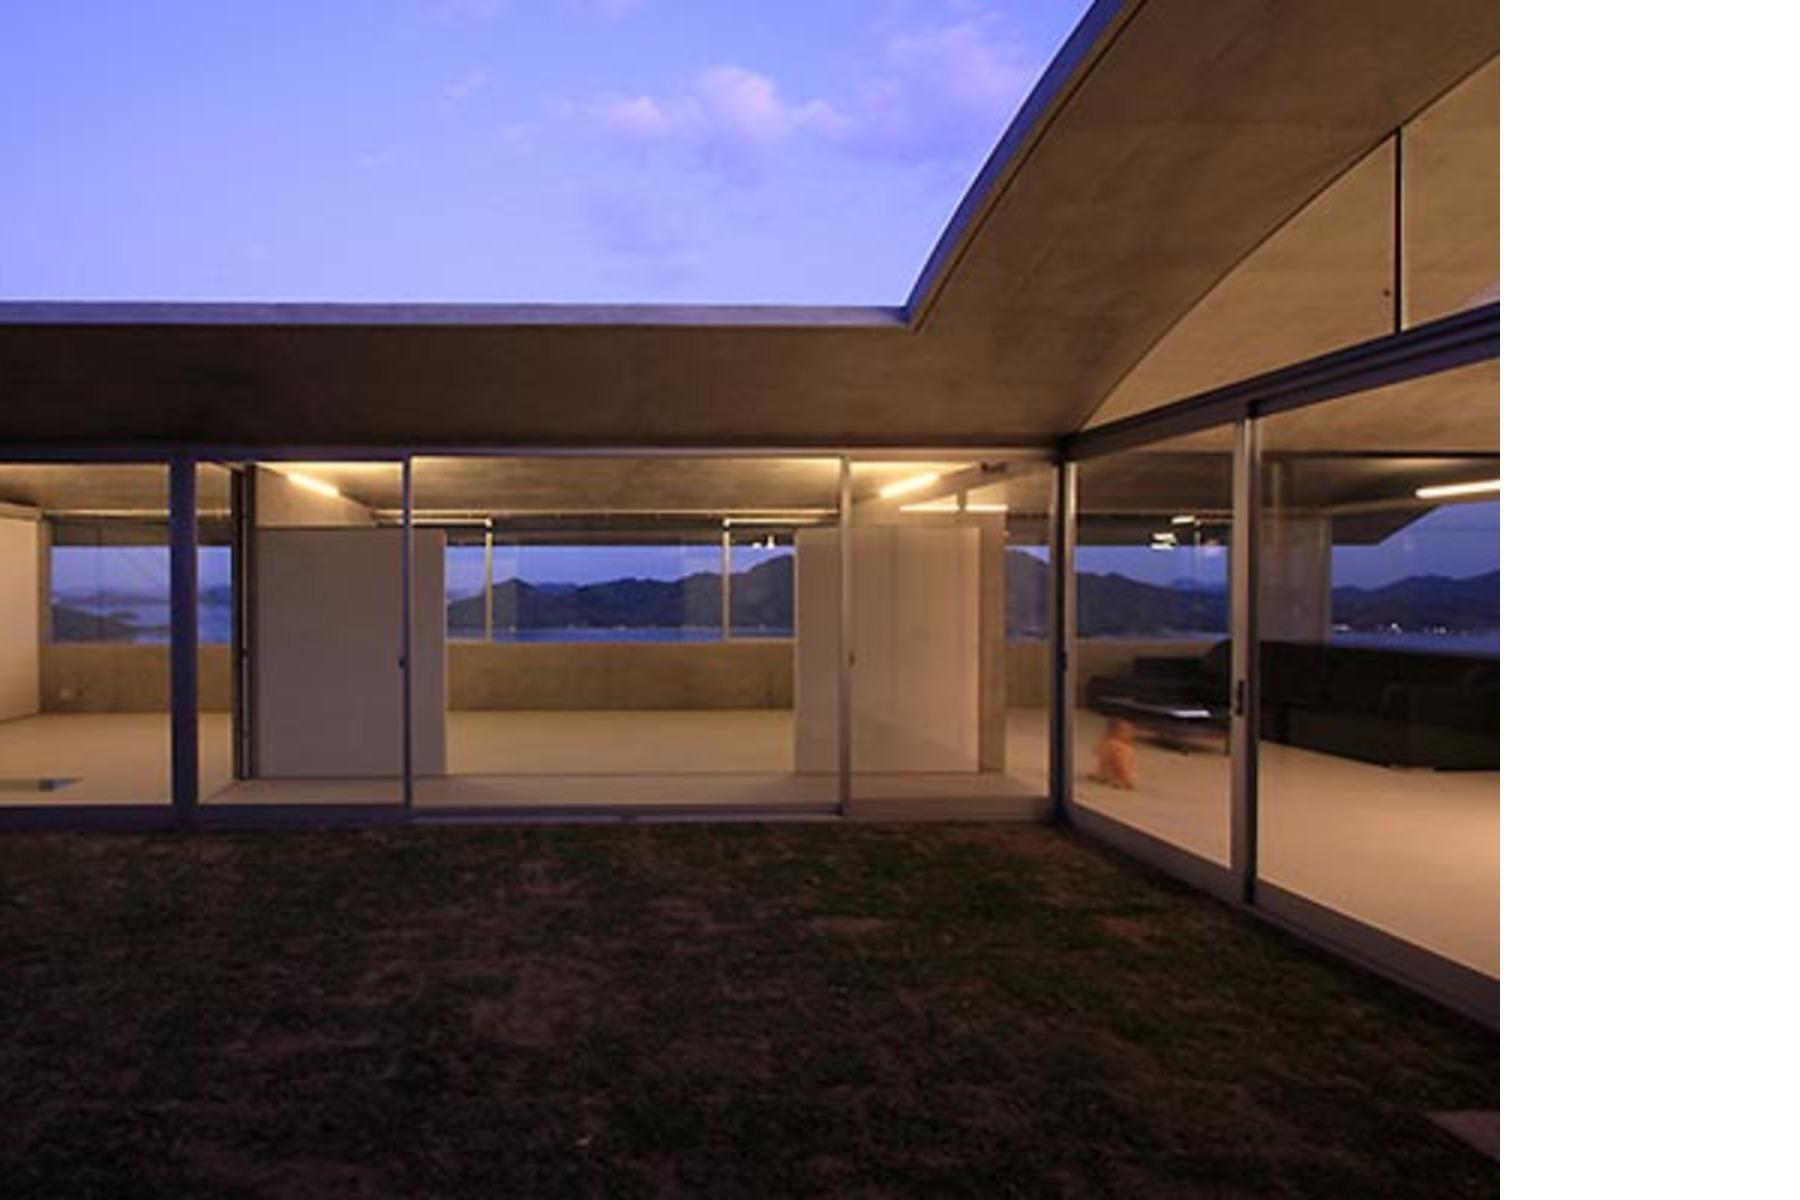 Die japanische architektur von kazunori fujimoto floornature - Japanische architektur ...